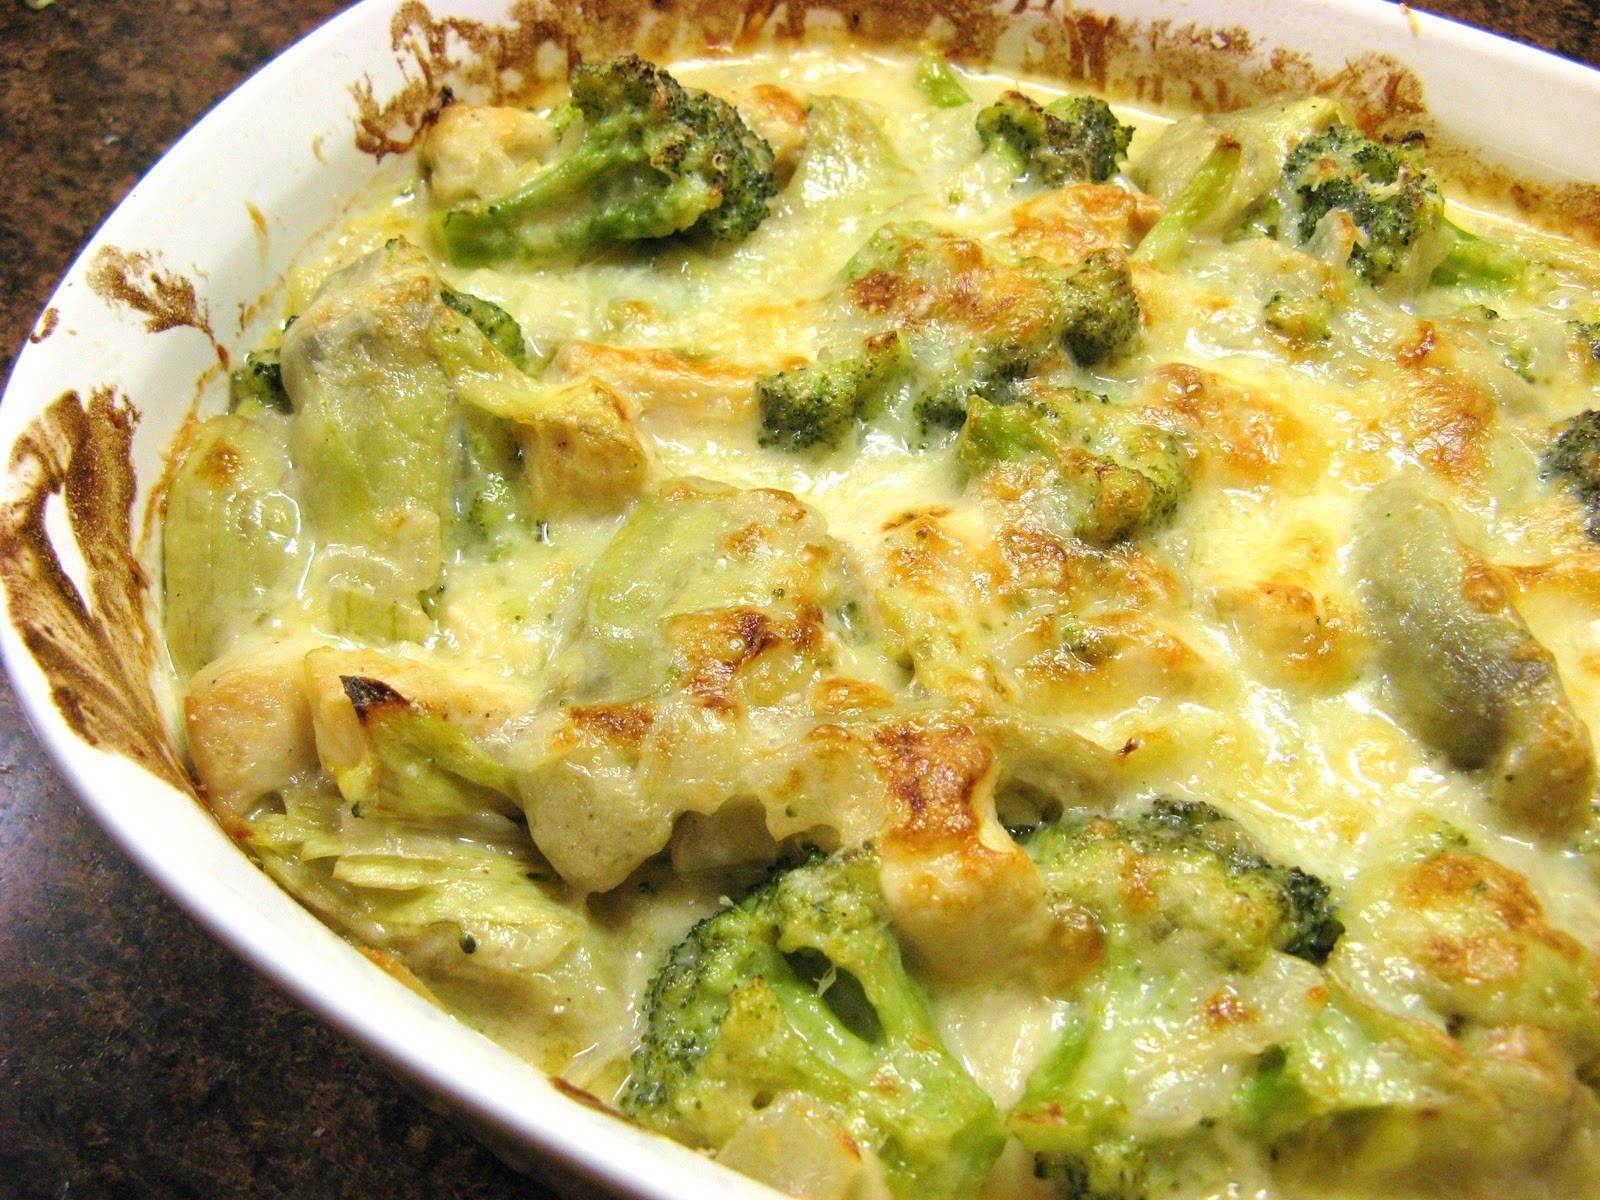 Chicken Broccoli Casserole Recipe  Broccoli and Chicken Casserole